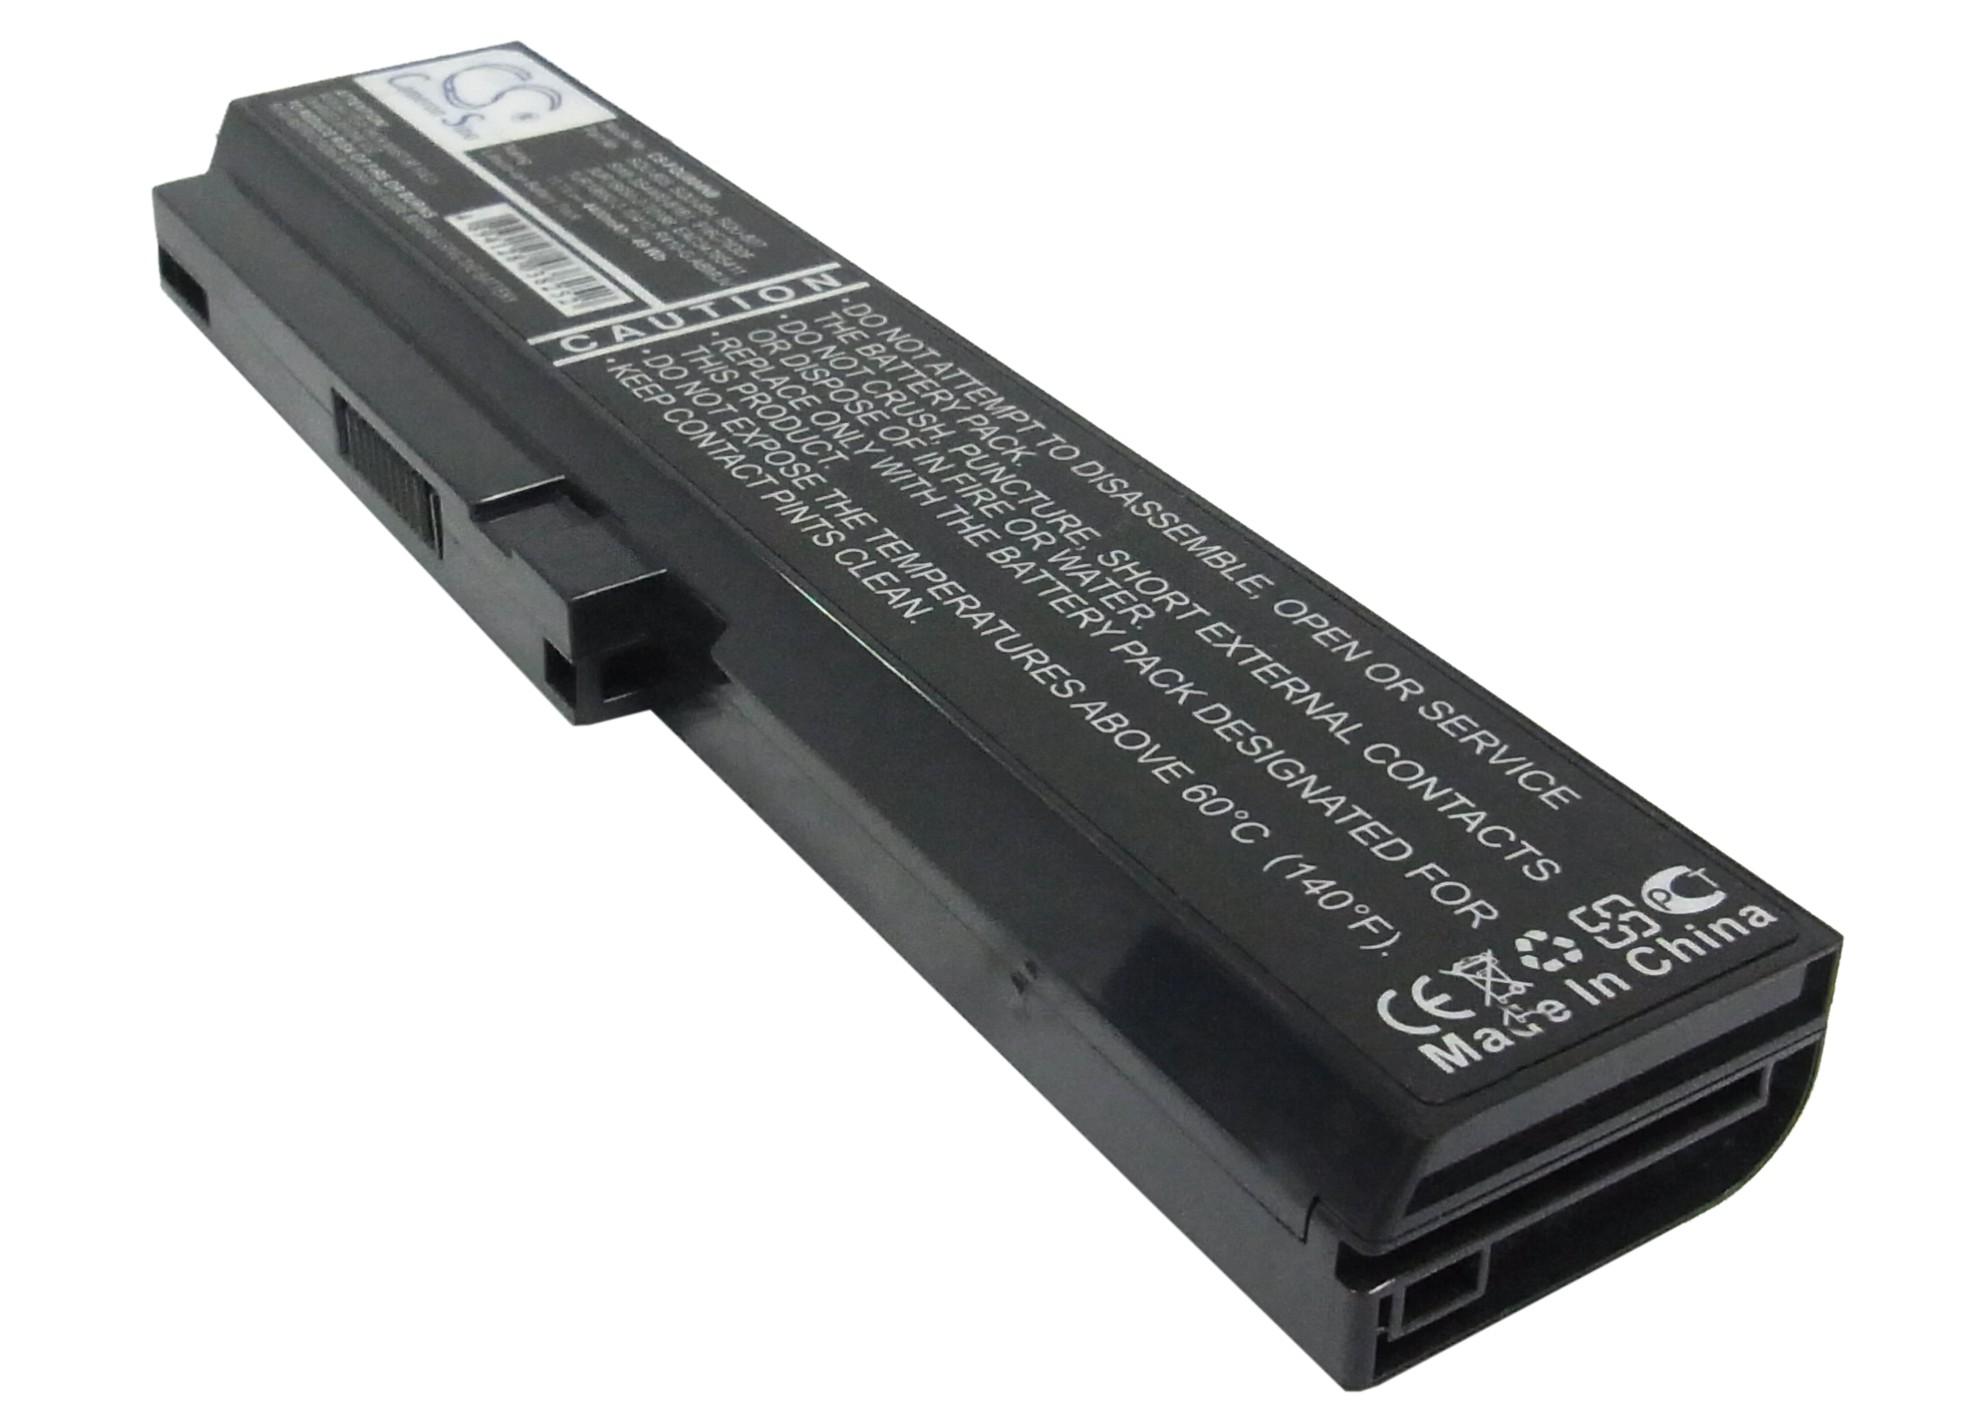 Cameron Sino baterie do notebooků pro LG R510 11.1V Li-ion 4400mAh černá - neoriginální